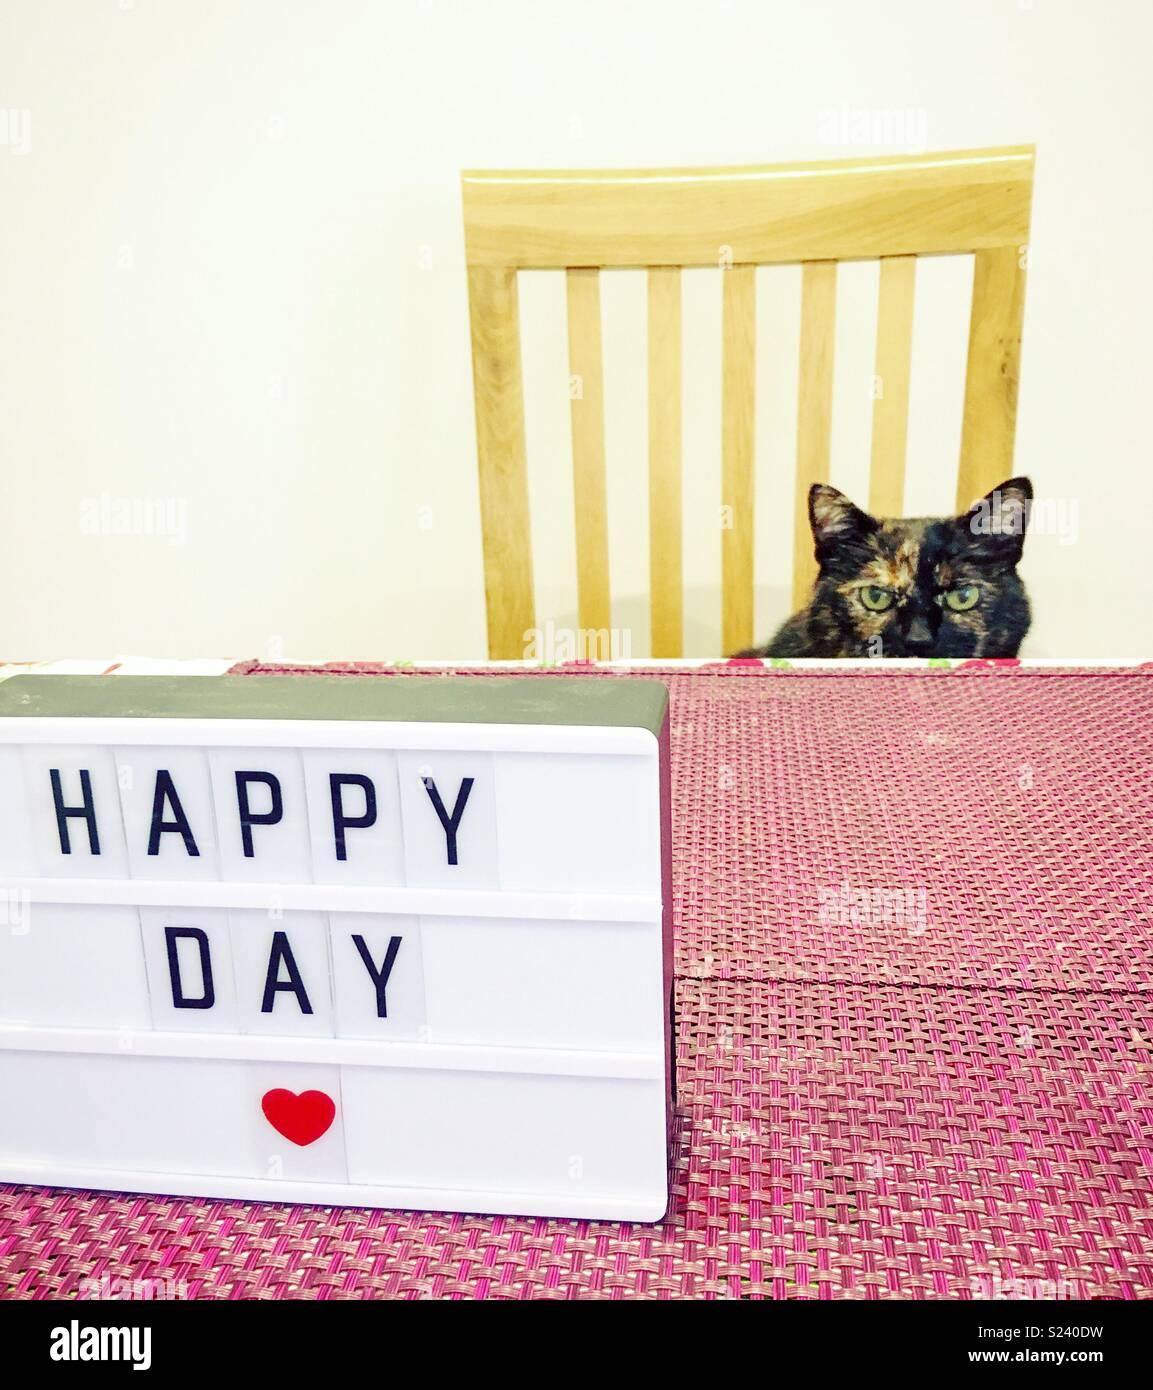 Feliz Día! Imagen De Stock